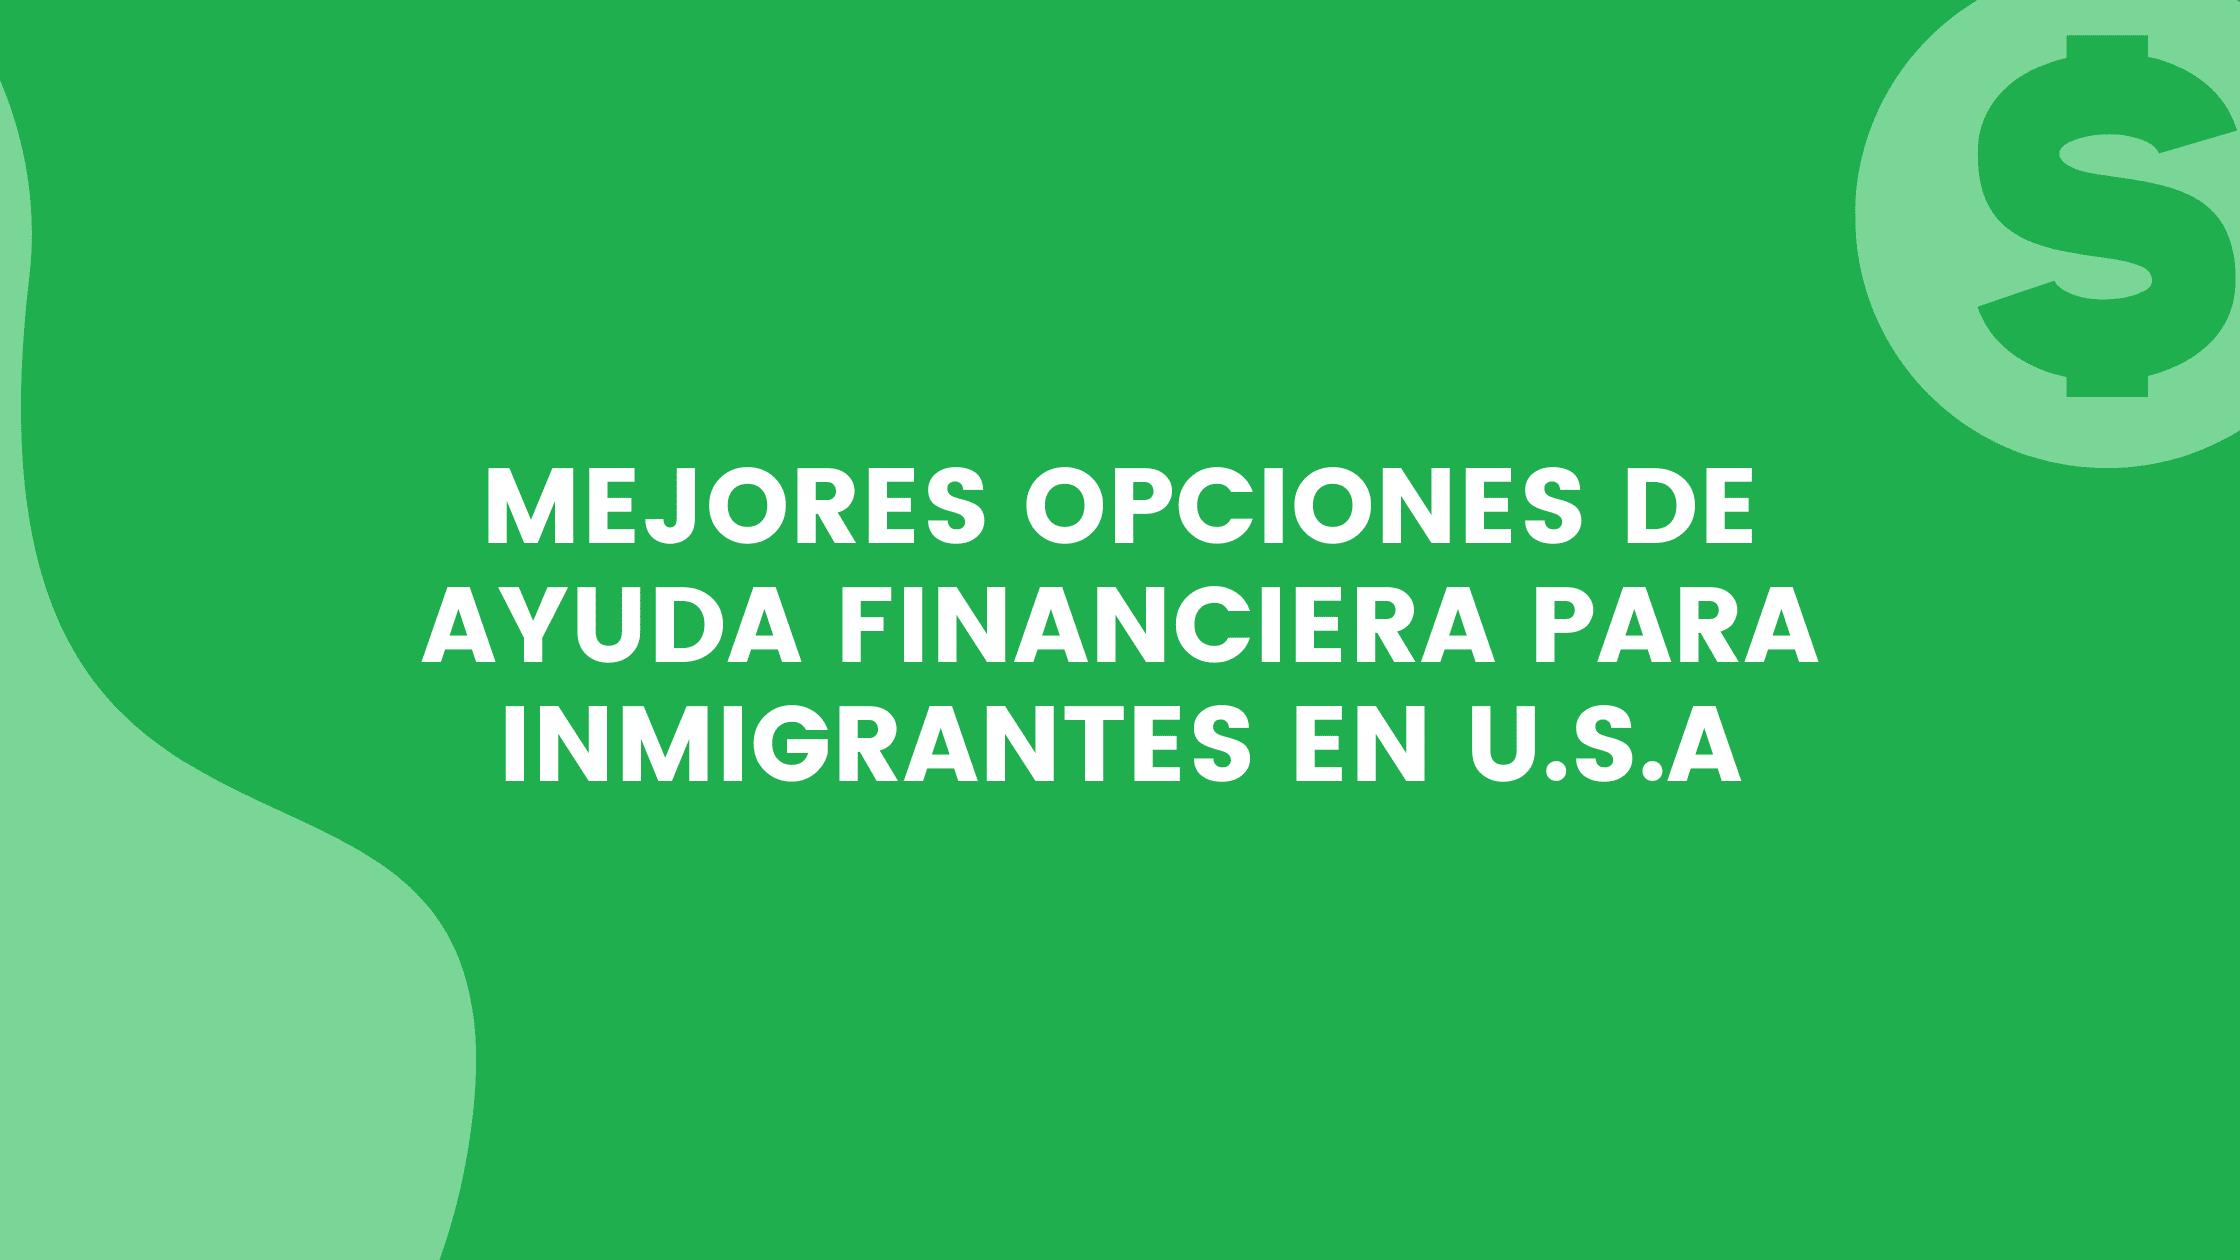 Ayuda Financiera Para Inmigrantes En U.S.A